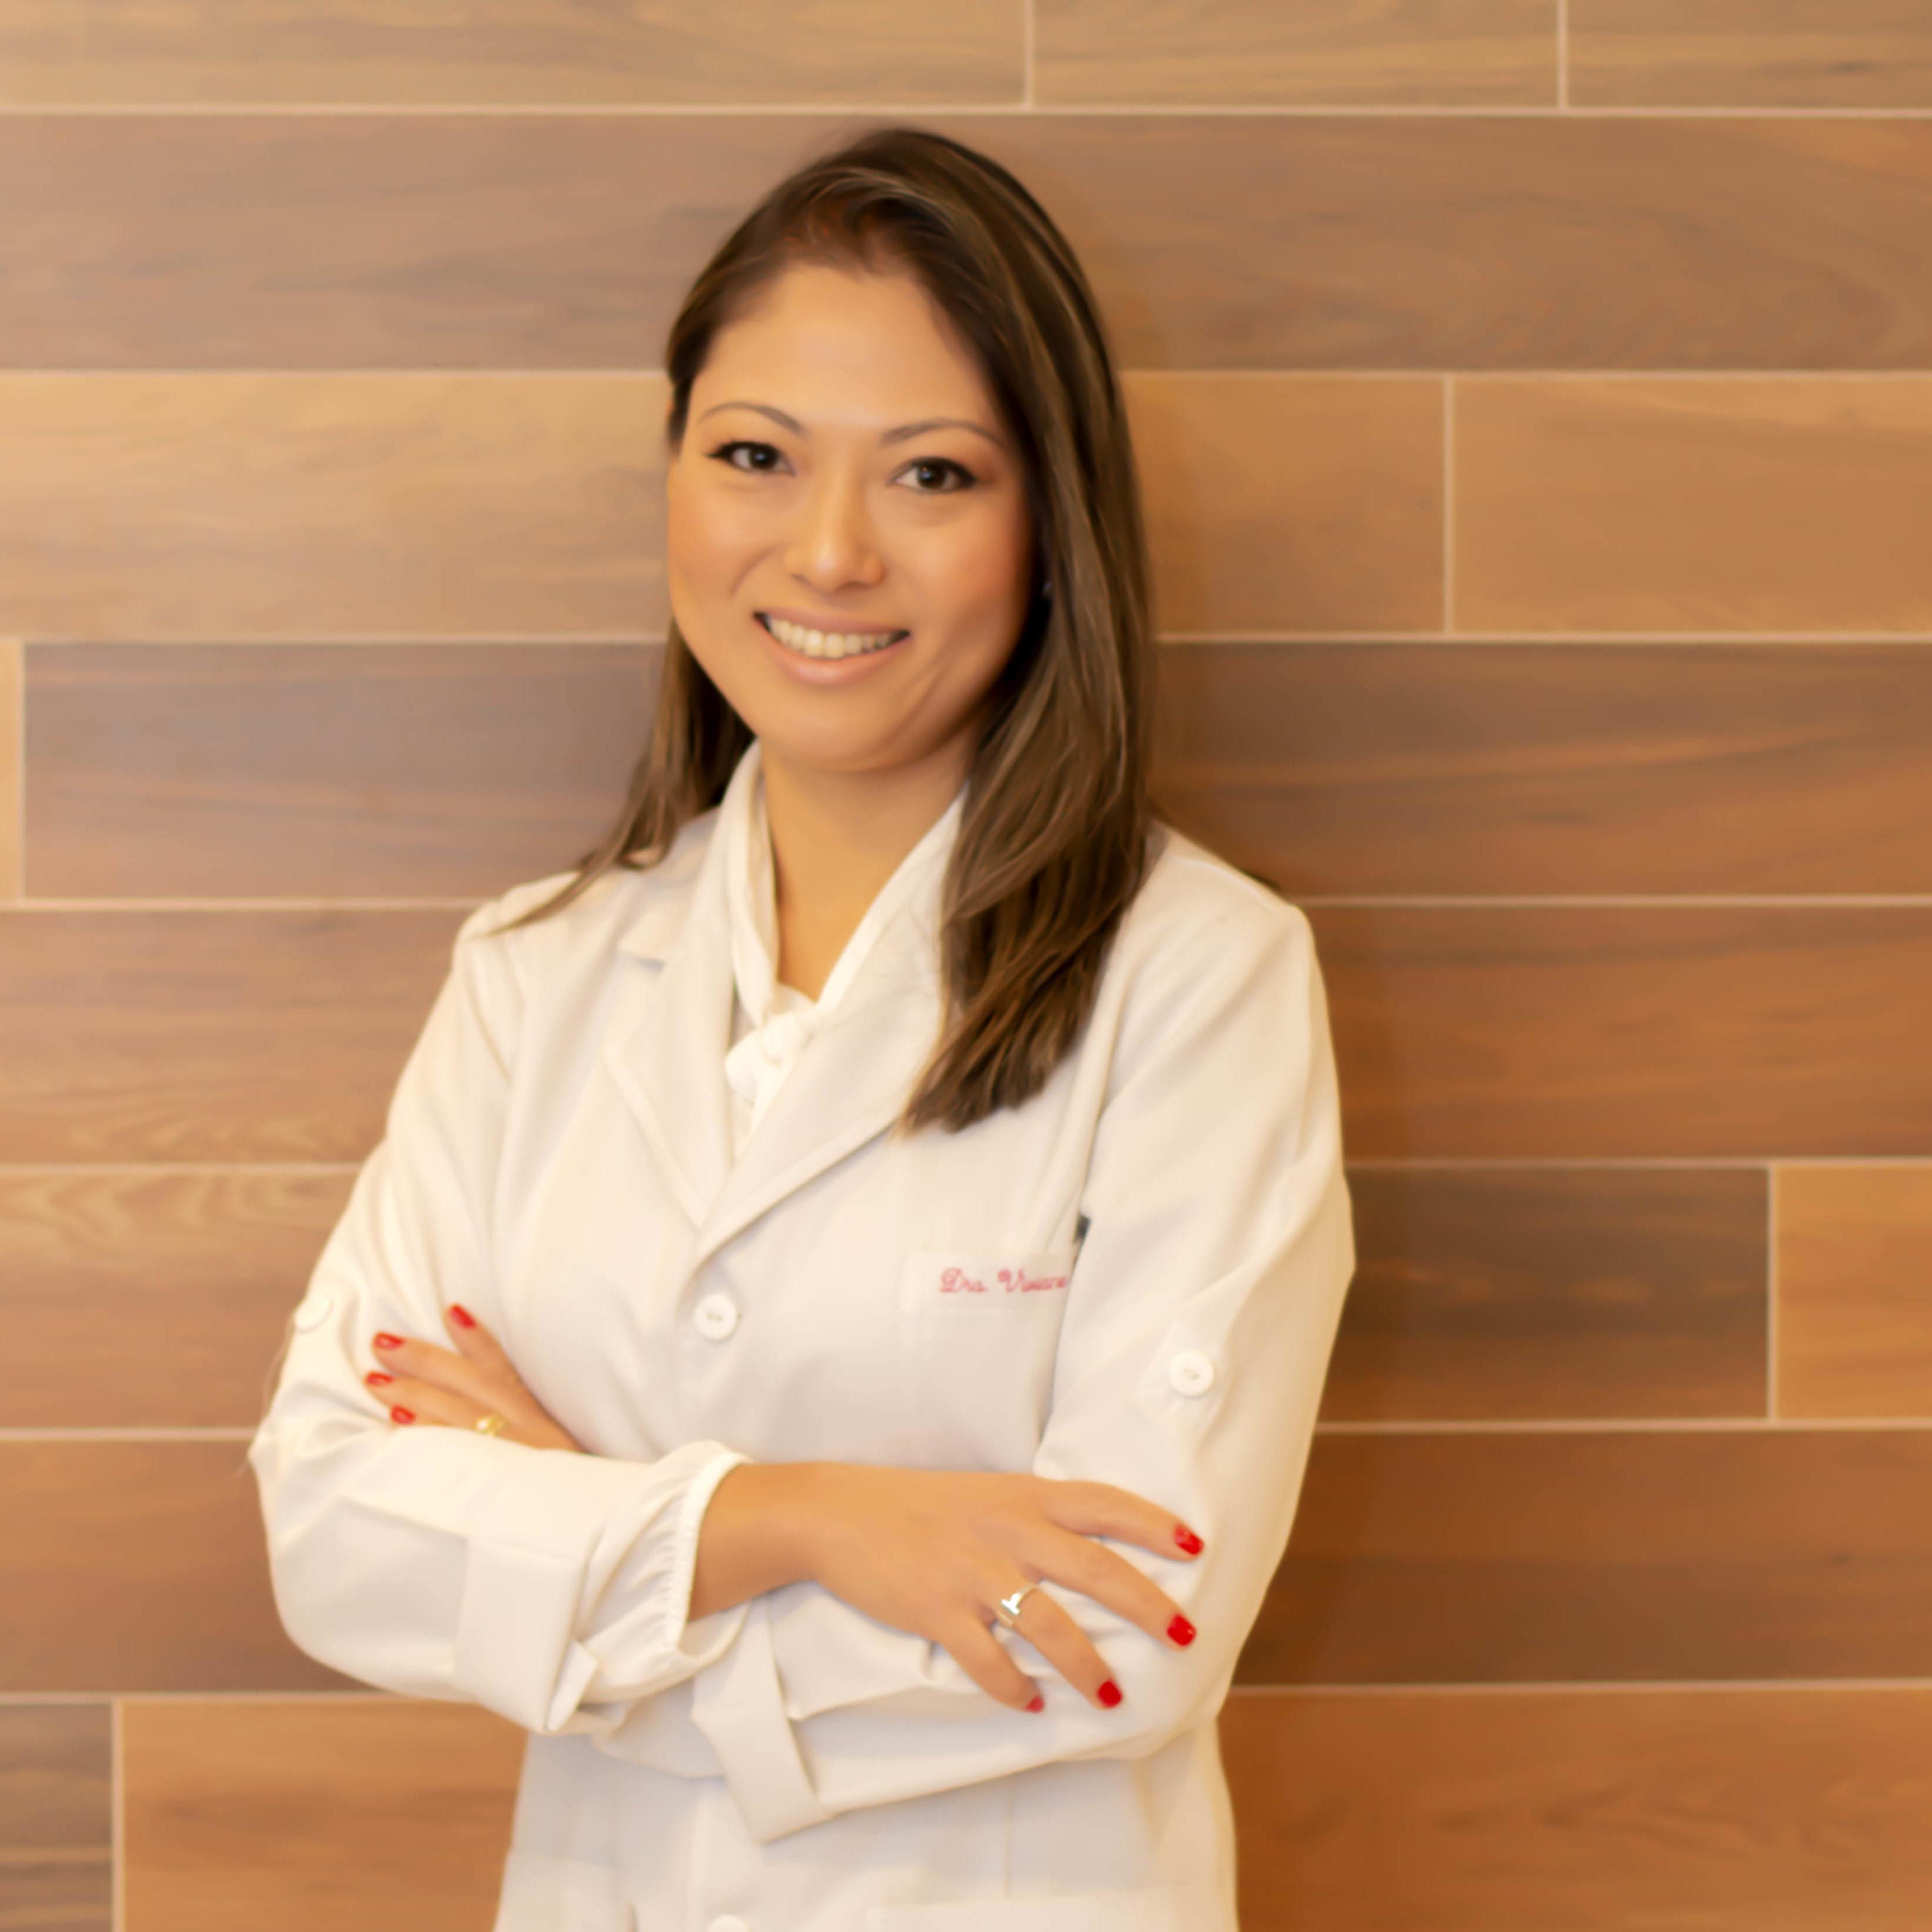 Dra. Viviane Kohatsu Noda